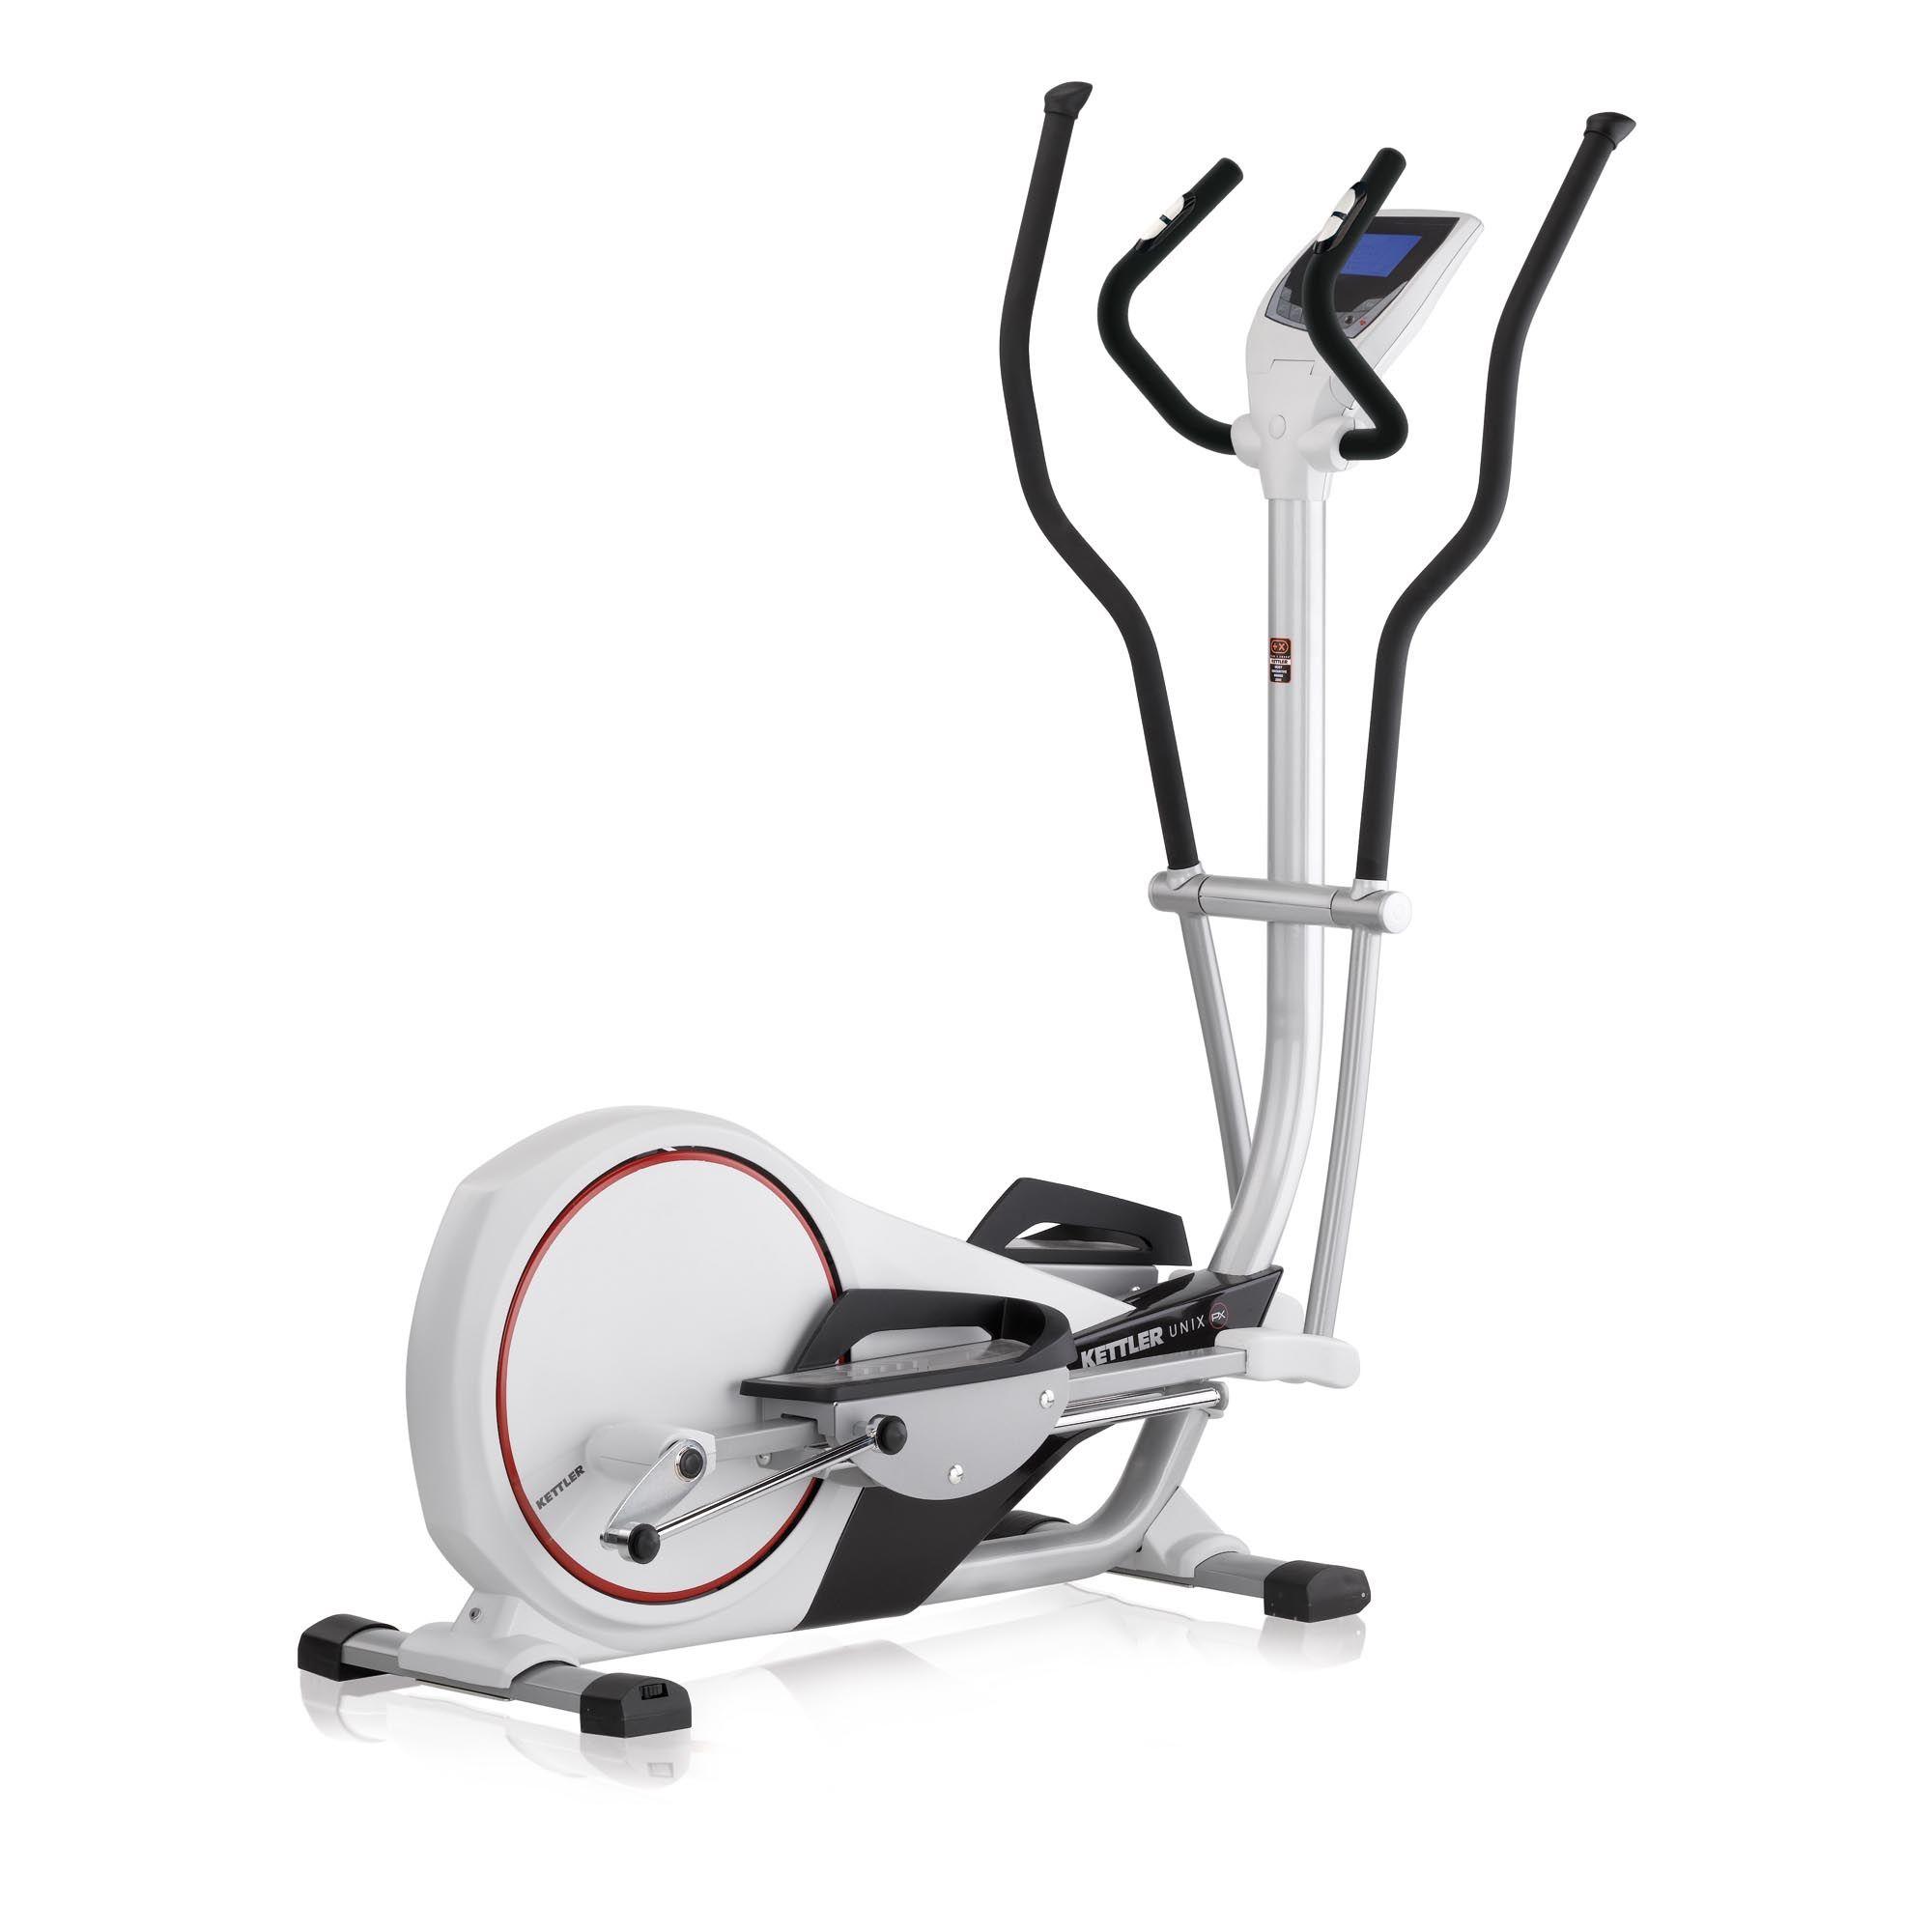 kettler unix px elliptical cross trainer. Black Bedroom Furniture Sets. Home Design Ideas